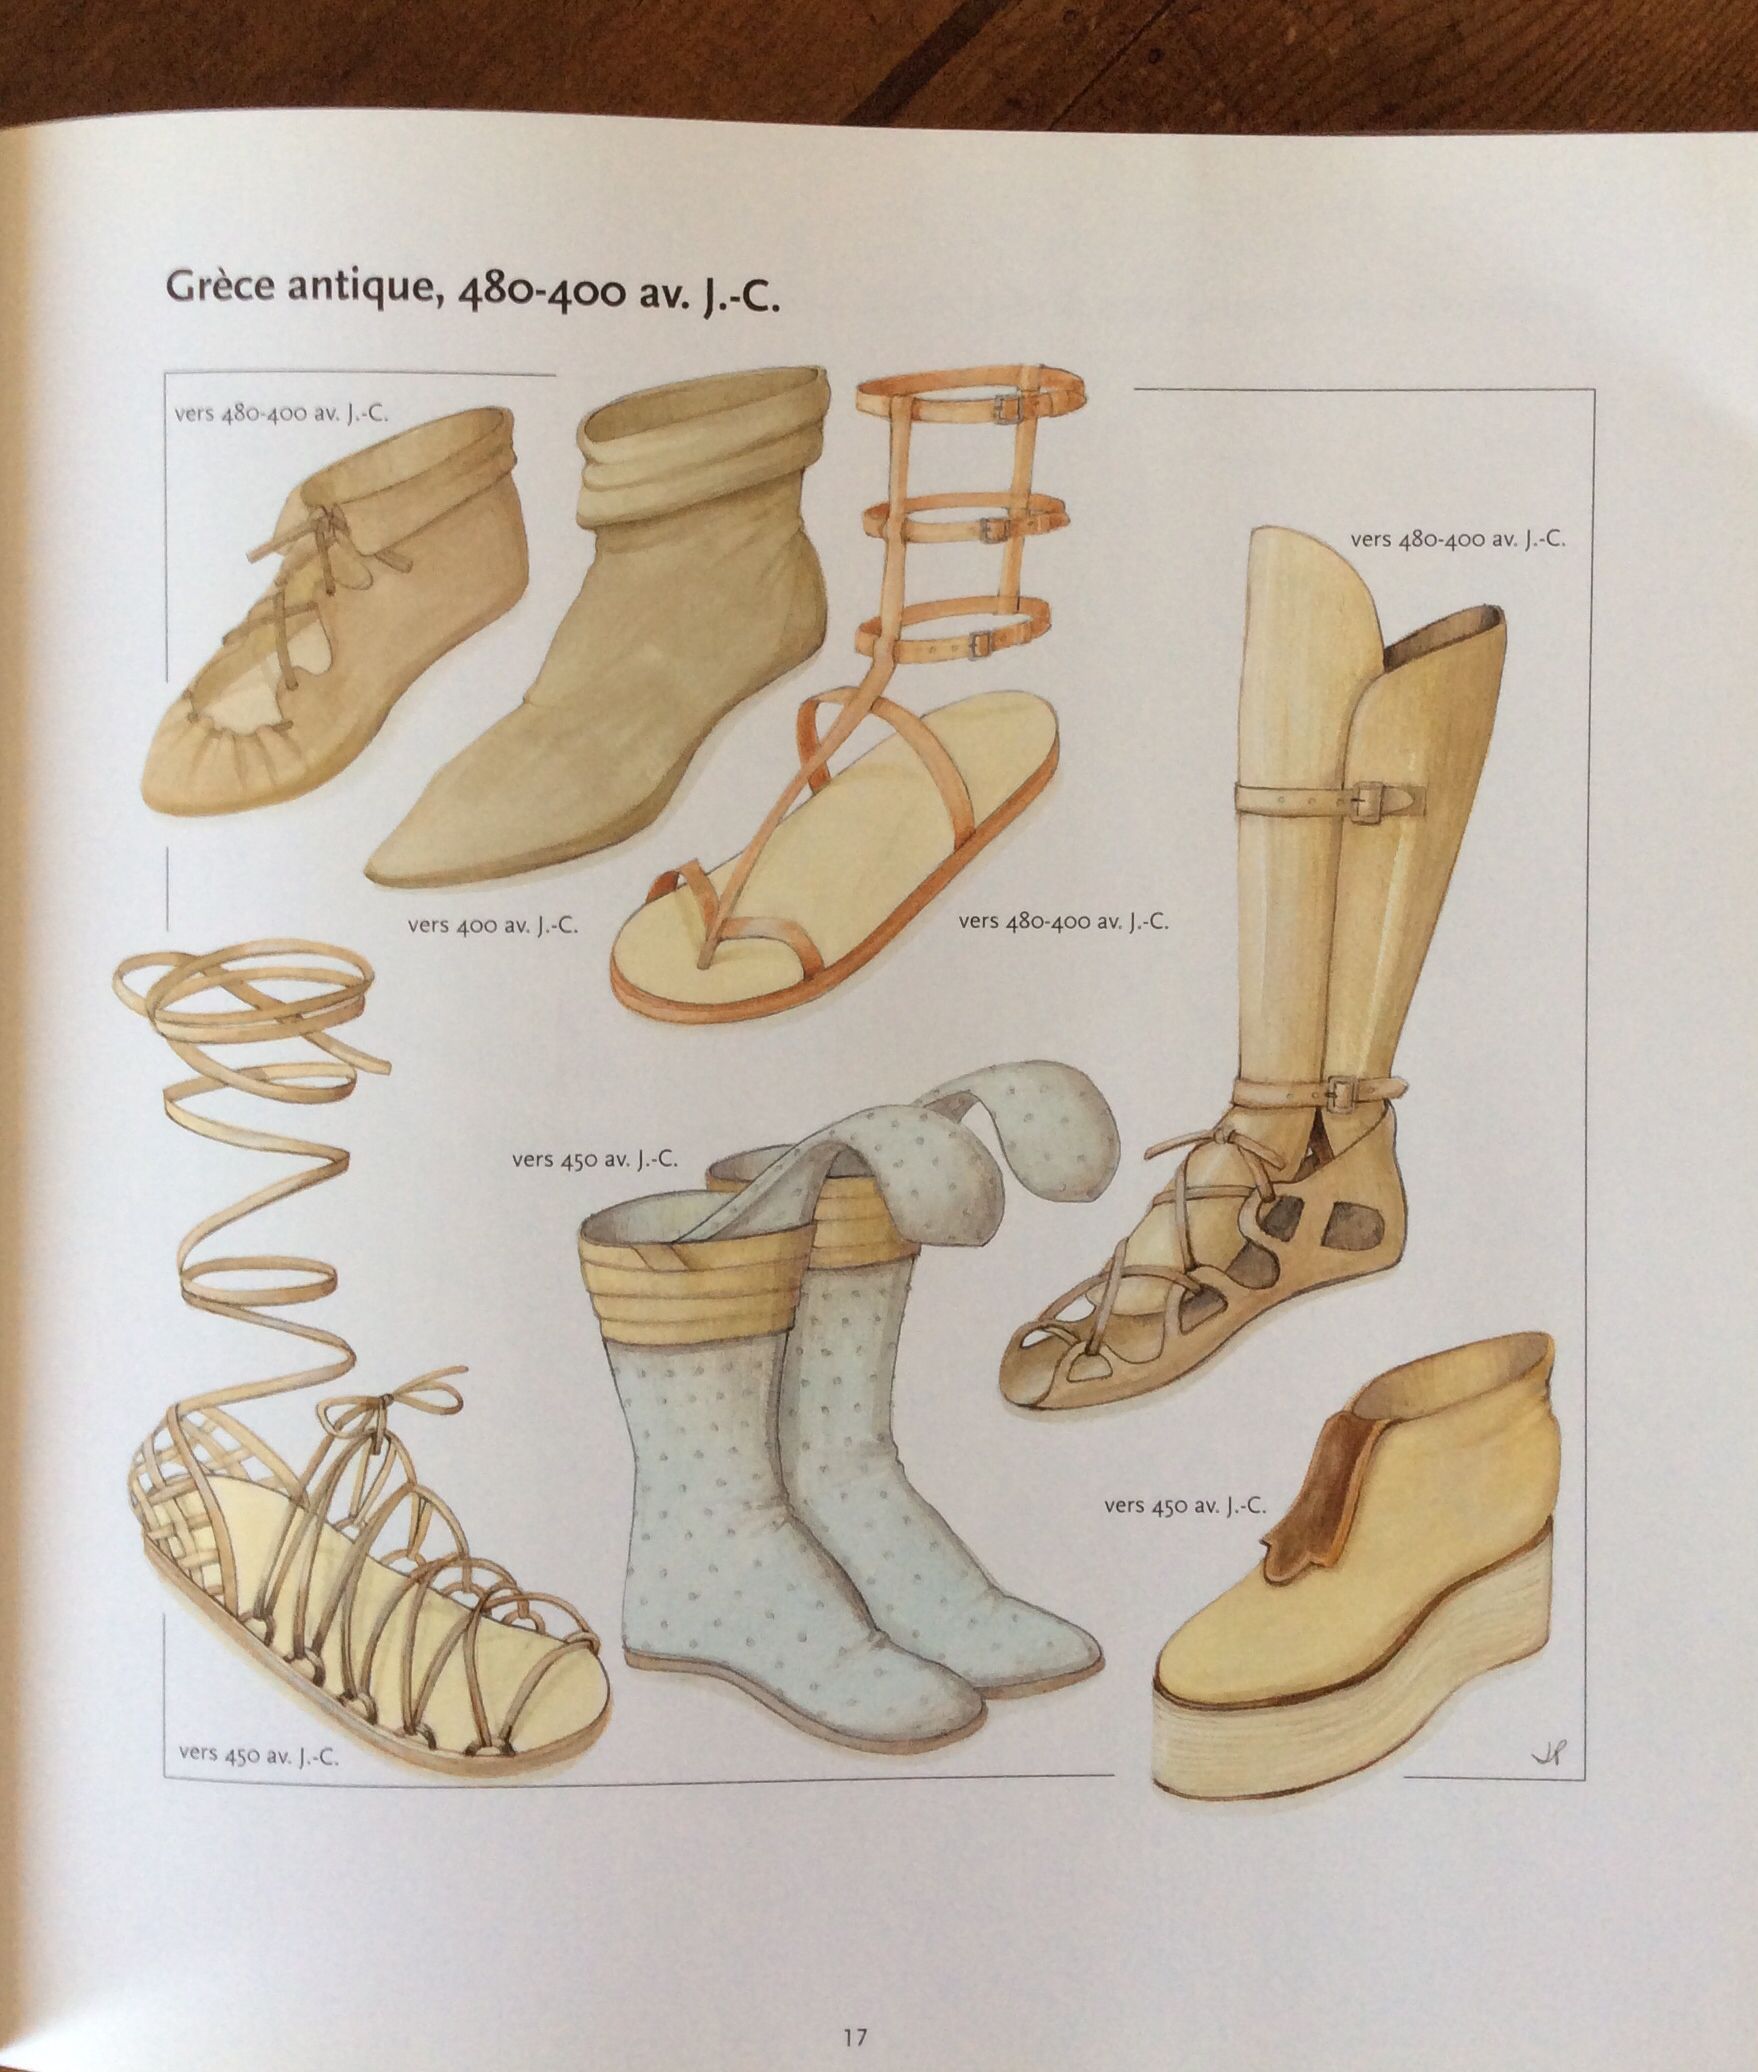 дачи древнегреческие сандалии рисунок ассортименте нашего магазина